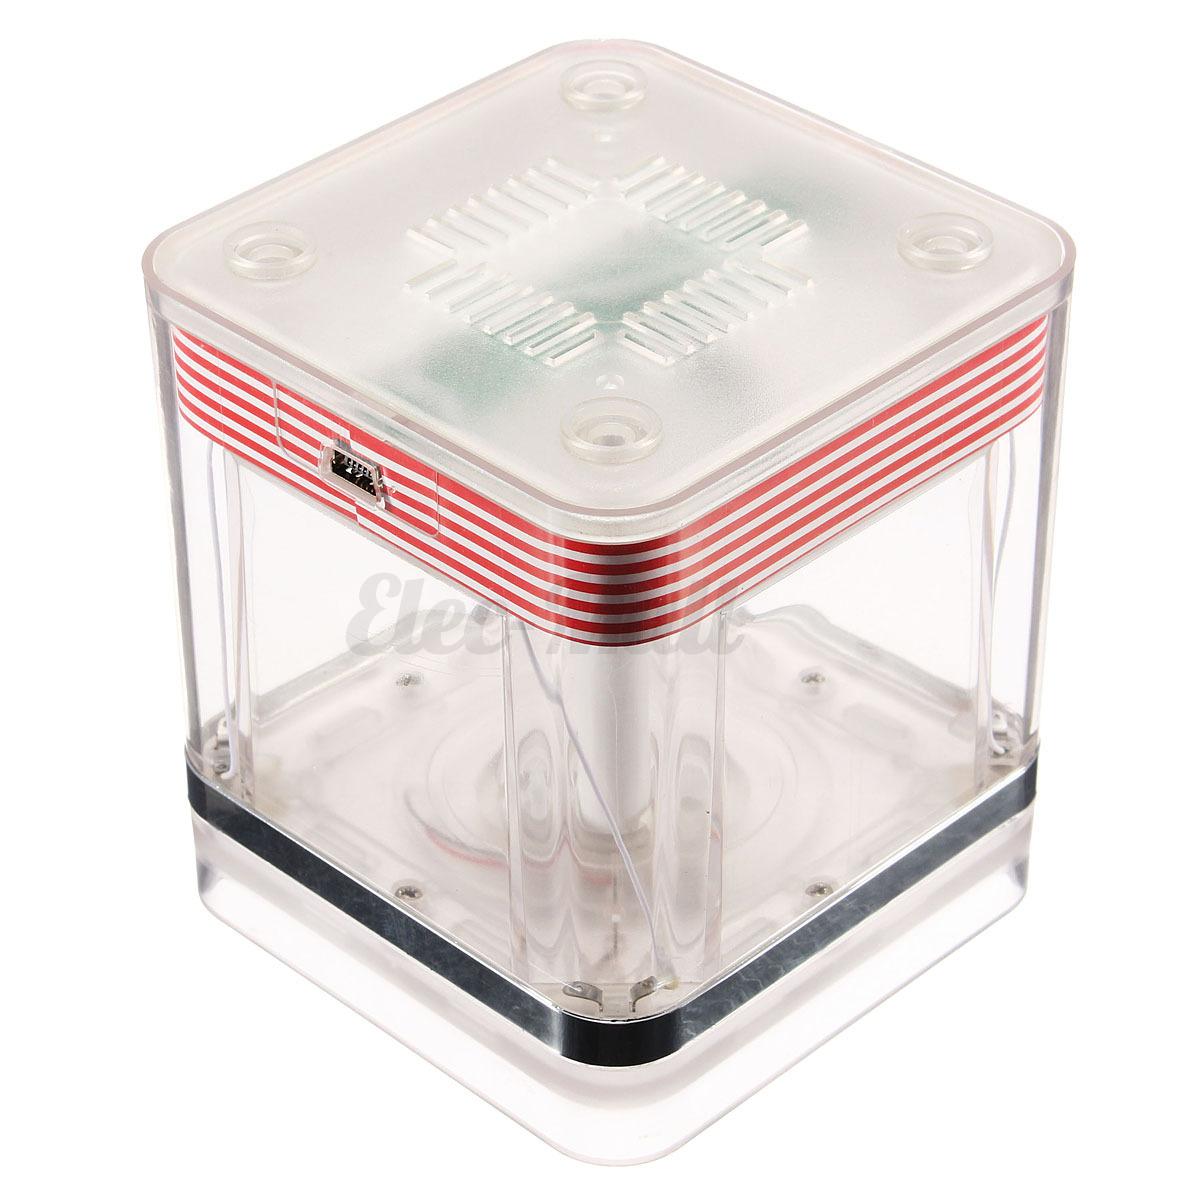 mini usb led arome air humidificateur diffuseur purificateur pr voiture maison ebay. Black Bedroom Furniture Sets. Home Design Ideas